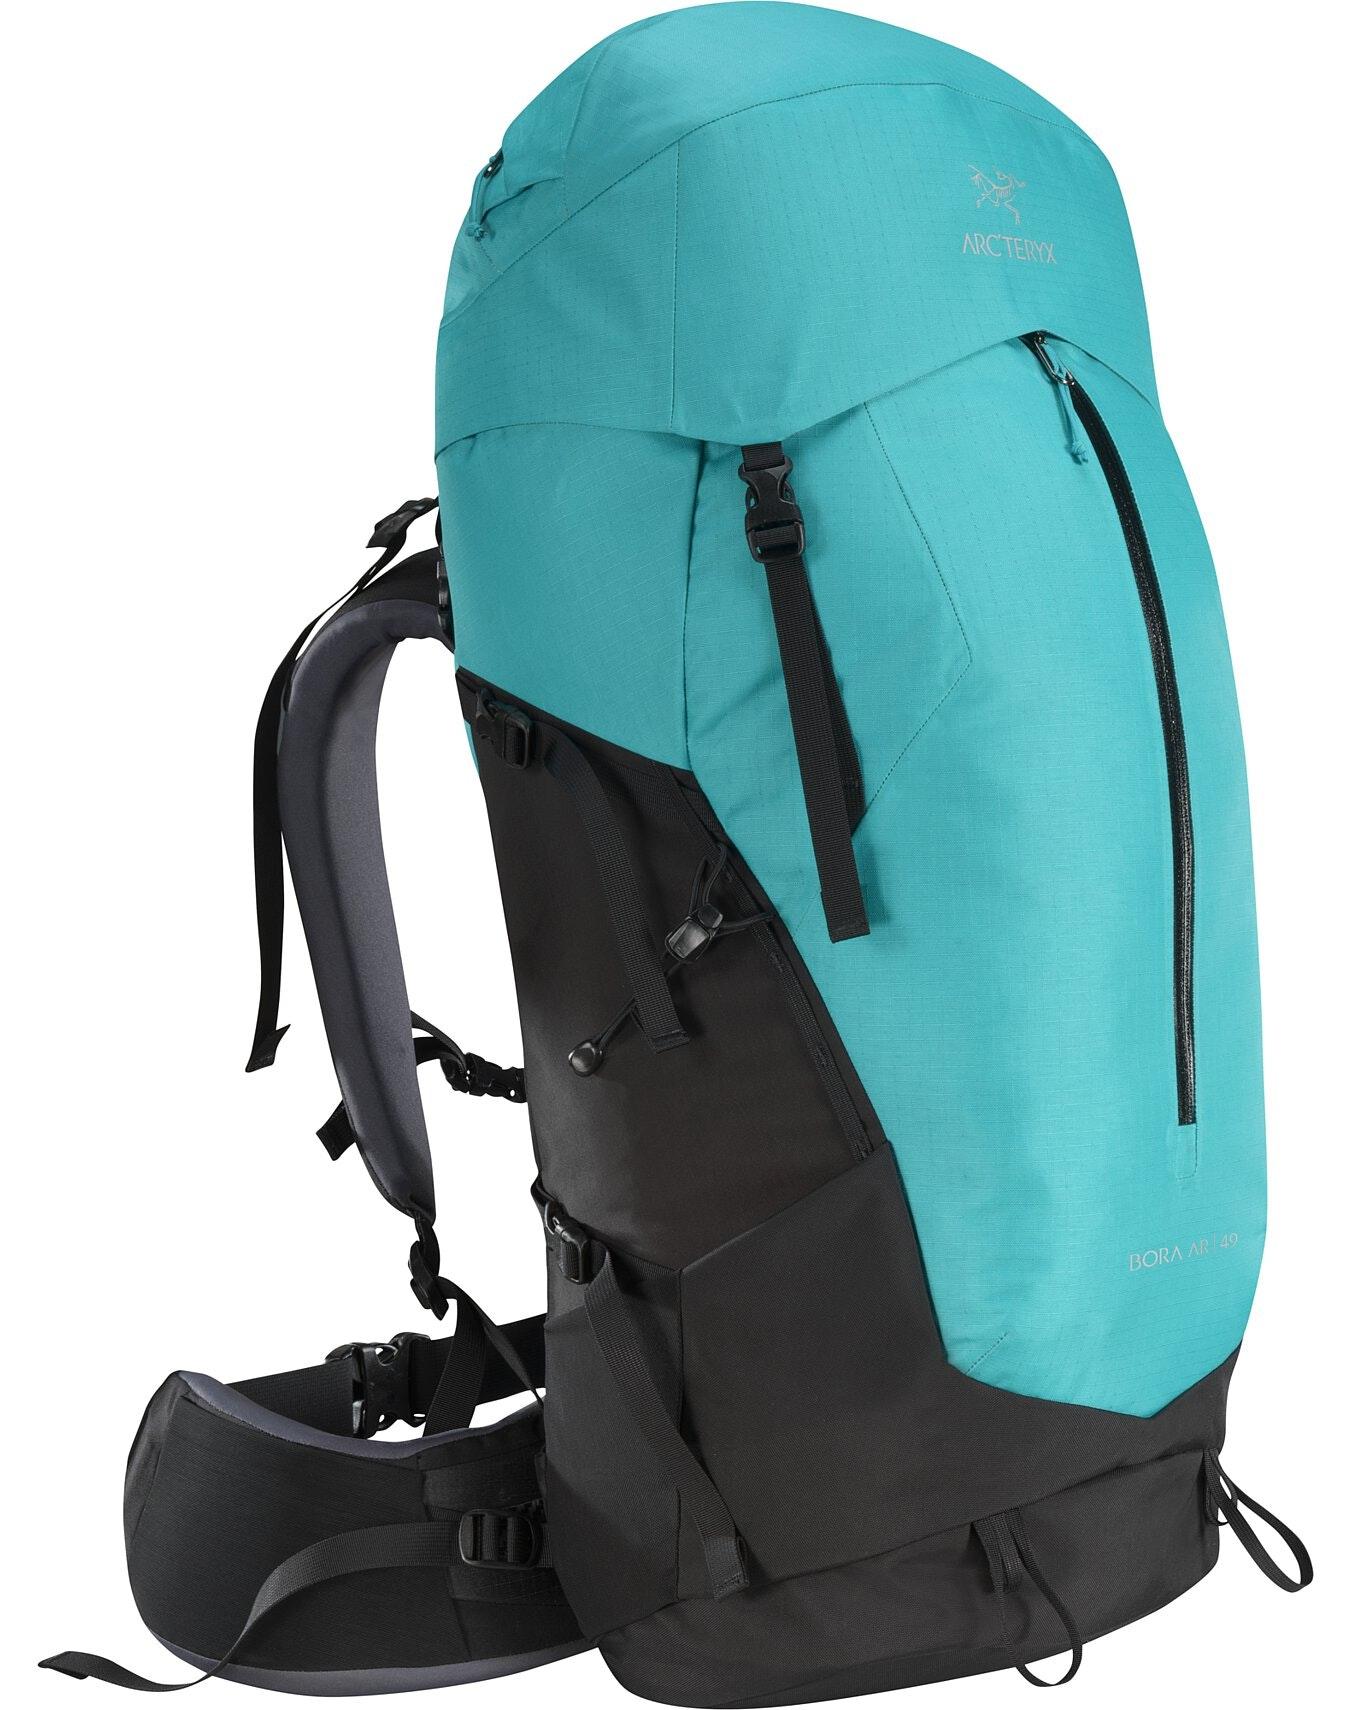 Bora Ar 49 Backpack Womens Arc Teryx